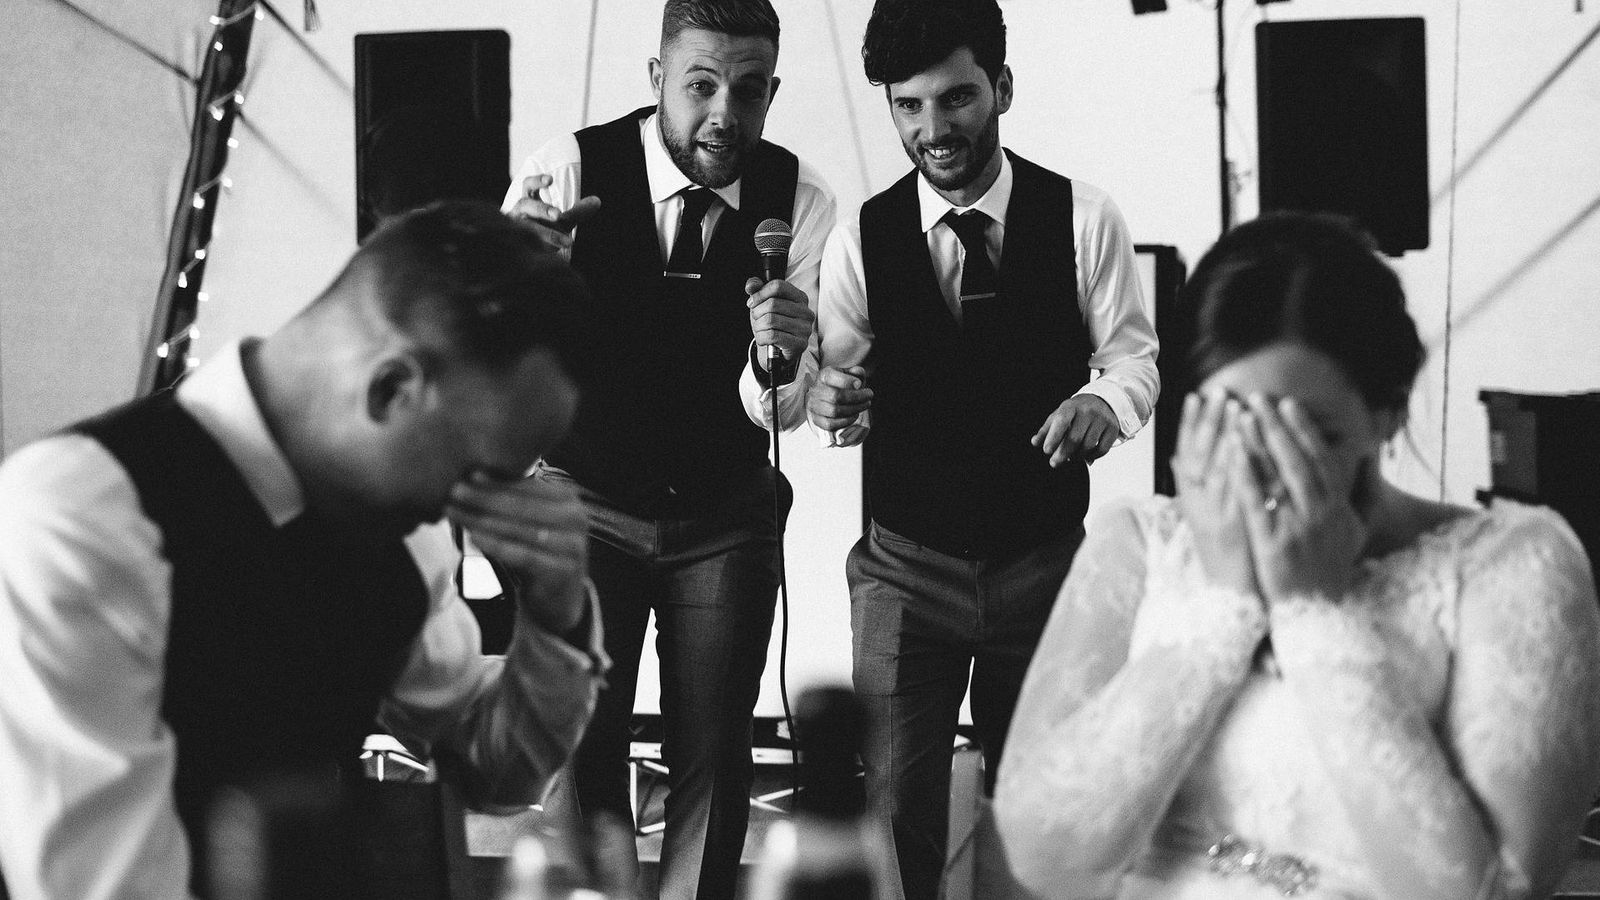 Padrinos De Matrimonio Catolico : Bodas frases para un discurso de boda cómo hablar en un enlace y